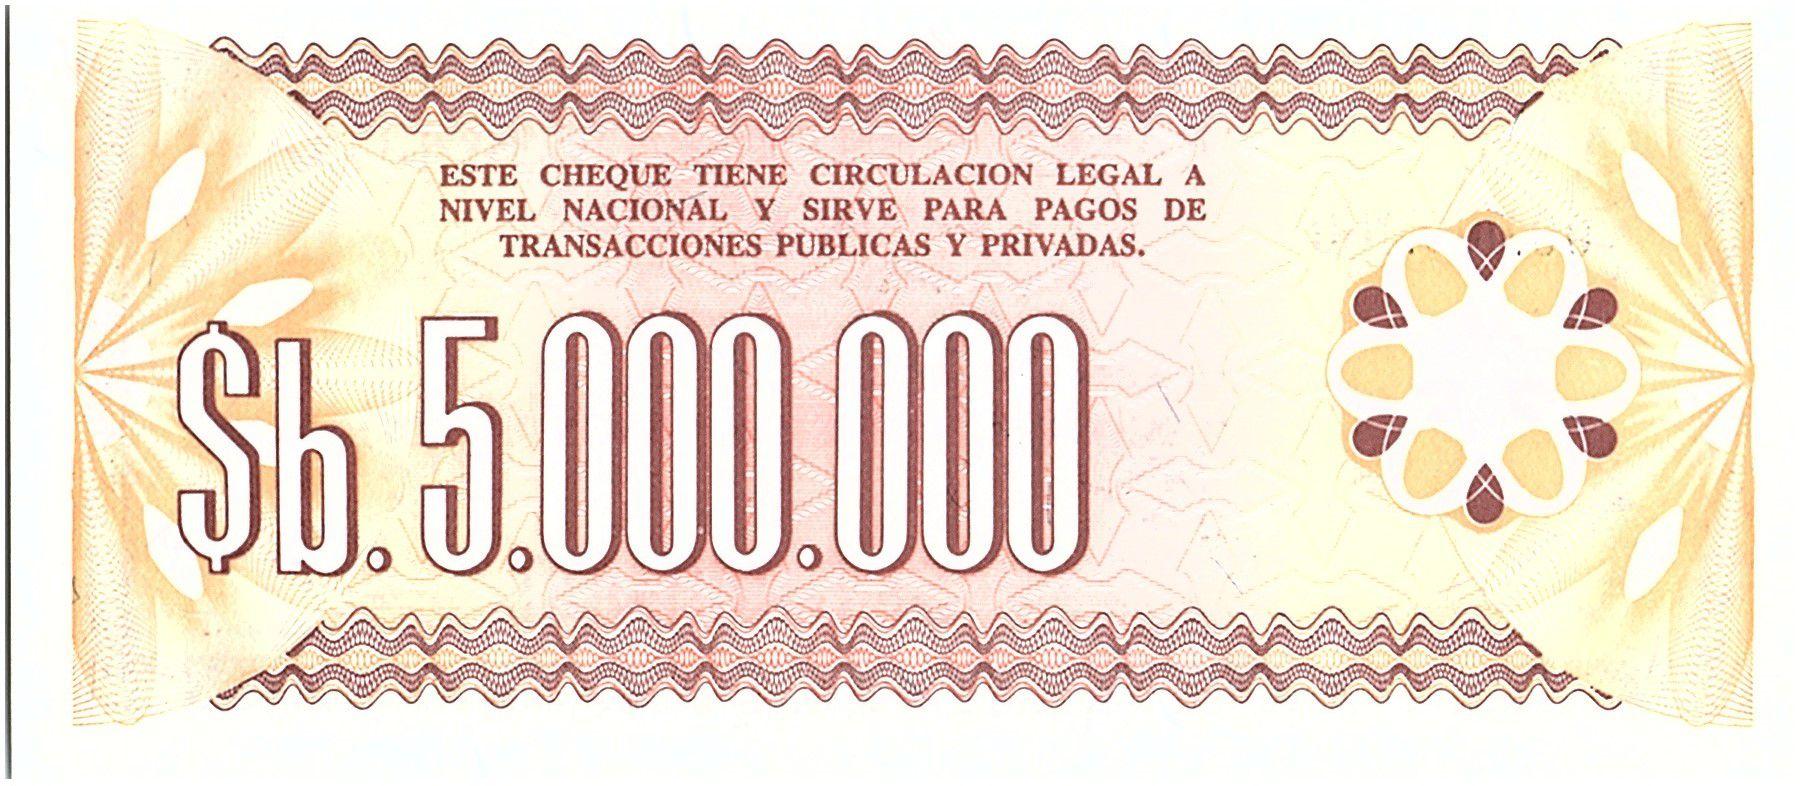 Bolivie 5 000 000 Pesos , Marron et Brun (chèque) - 1985 - Muestra